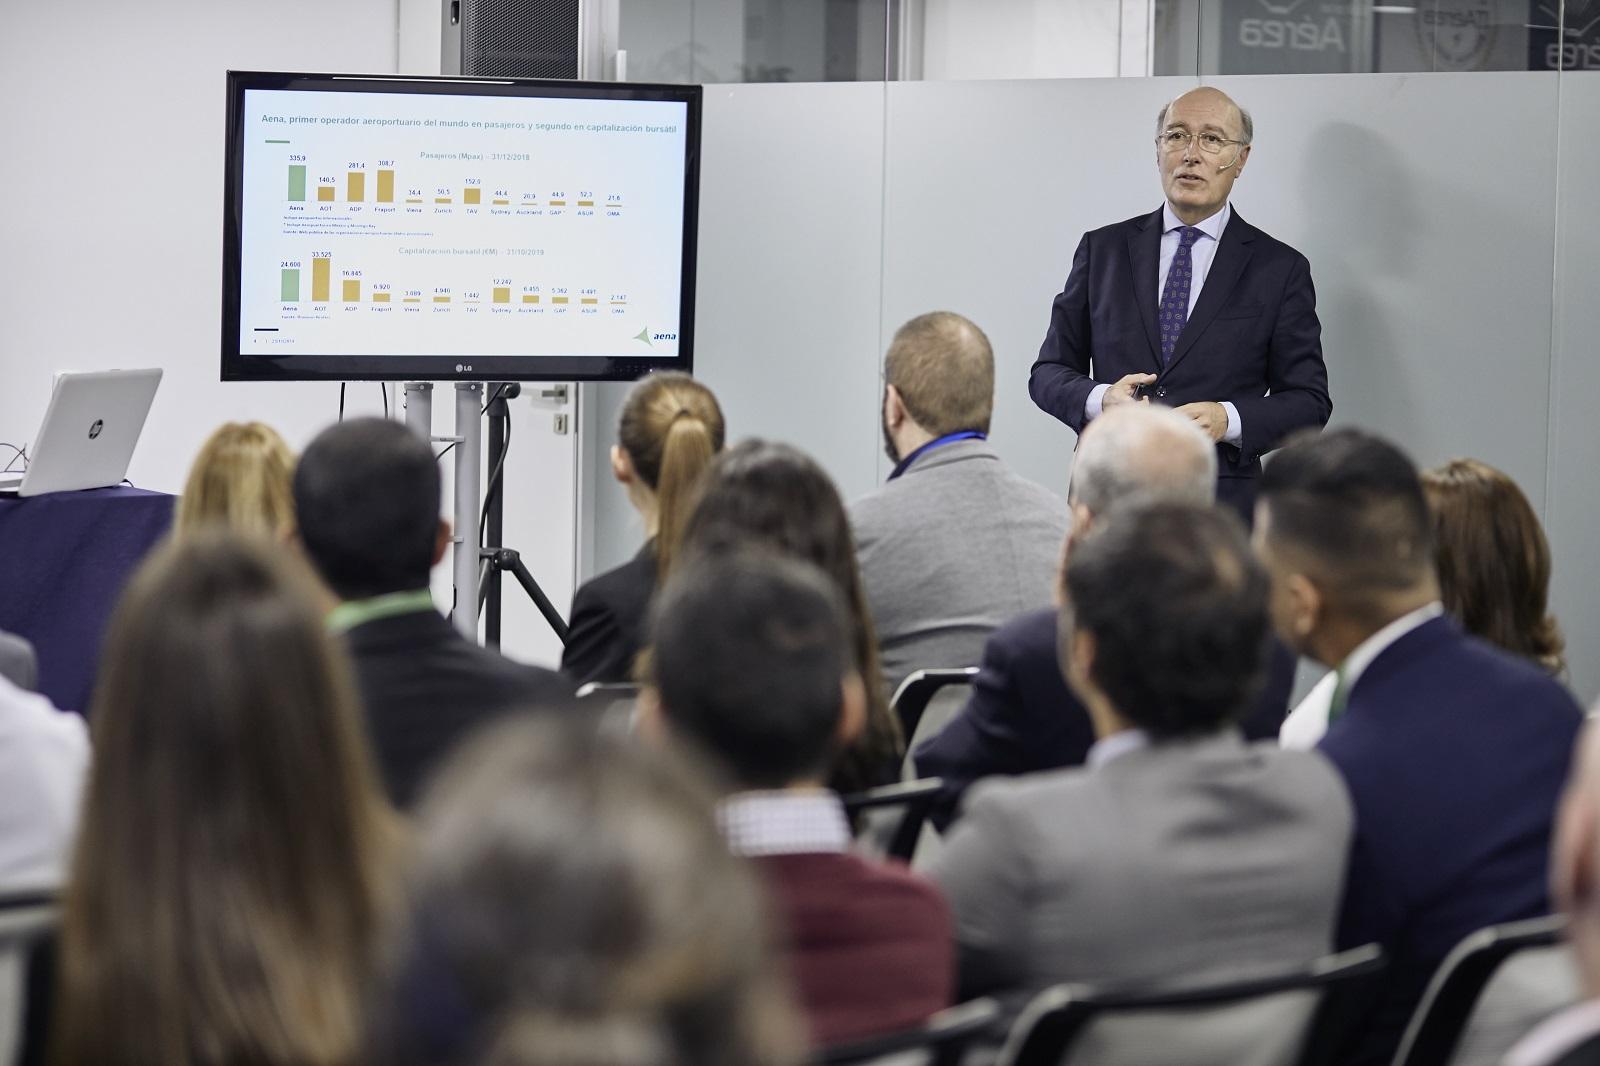 MG 9317 - D. Javier Marín, Director General de Aeropuertos de AENA, imparte conferencia extraordinaria en ITAérea Madrid